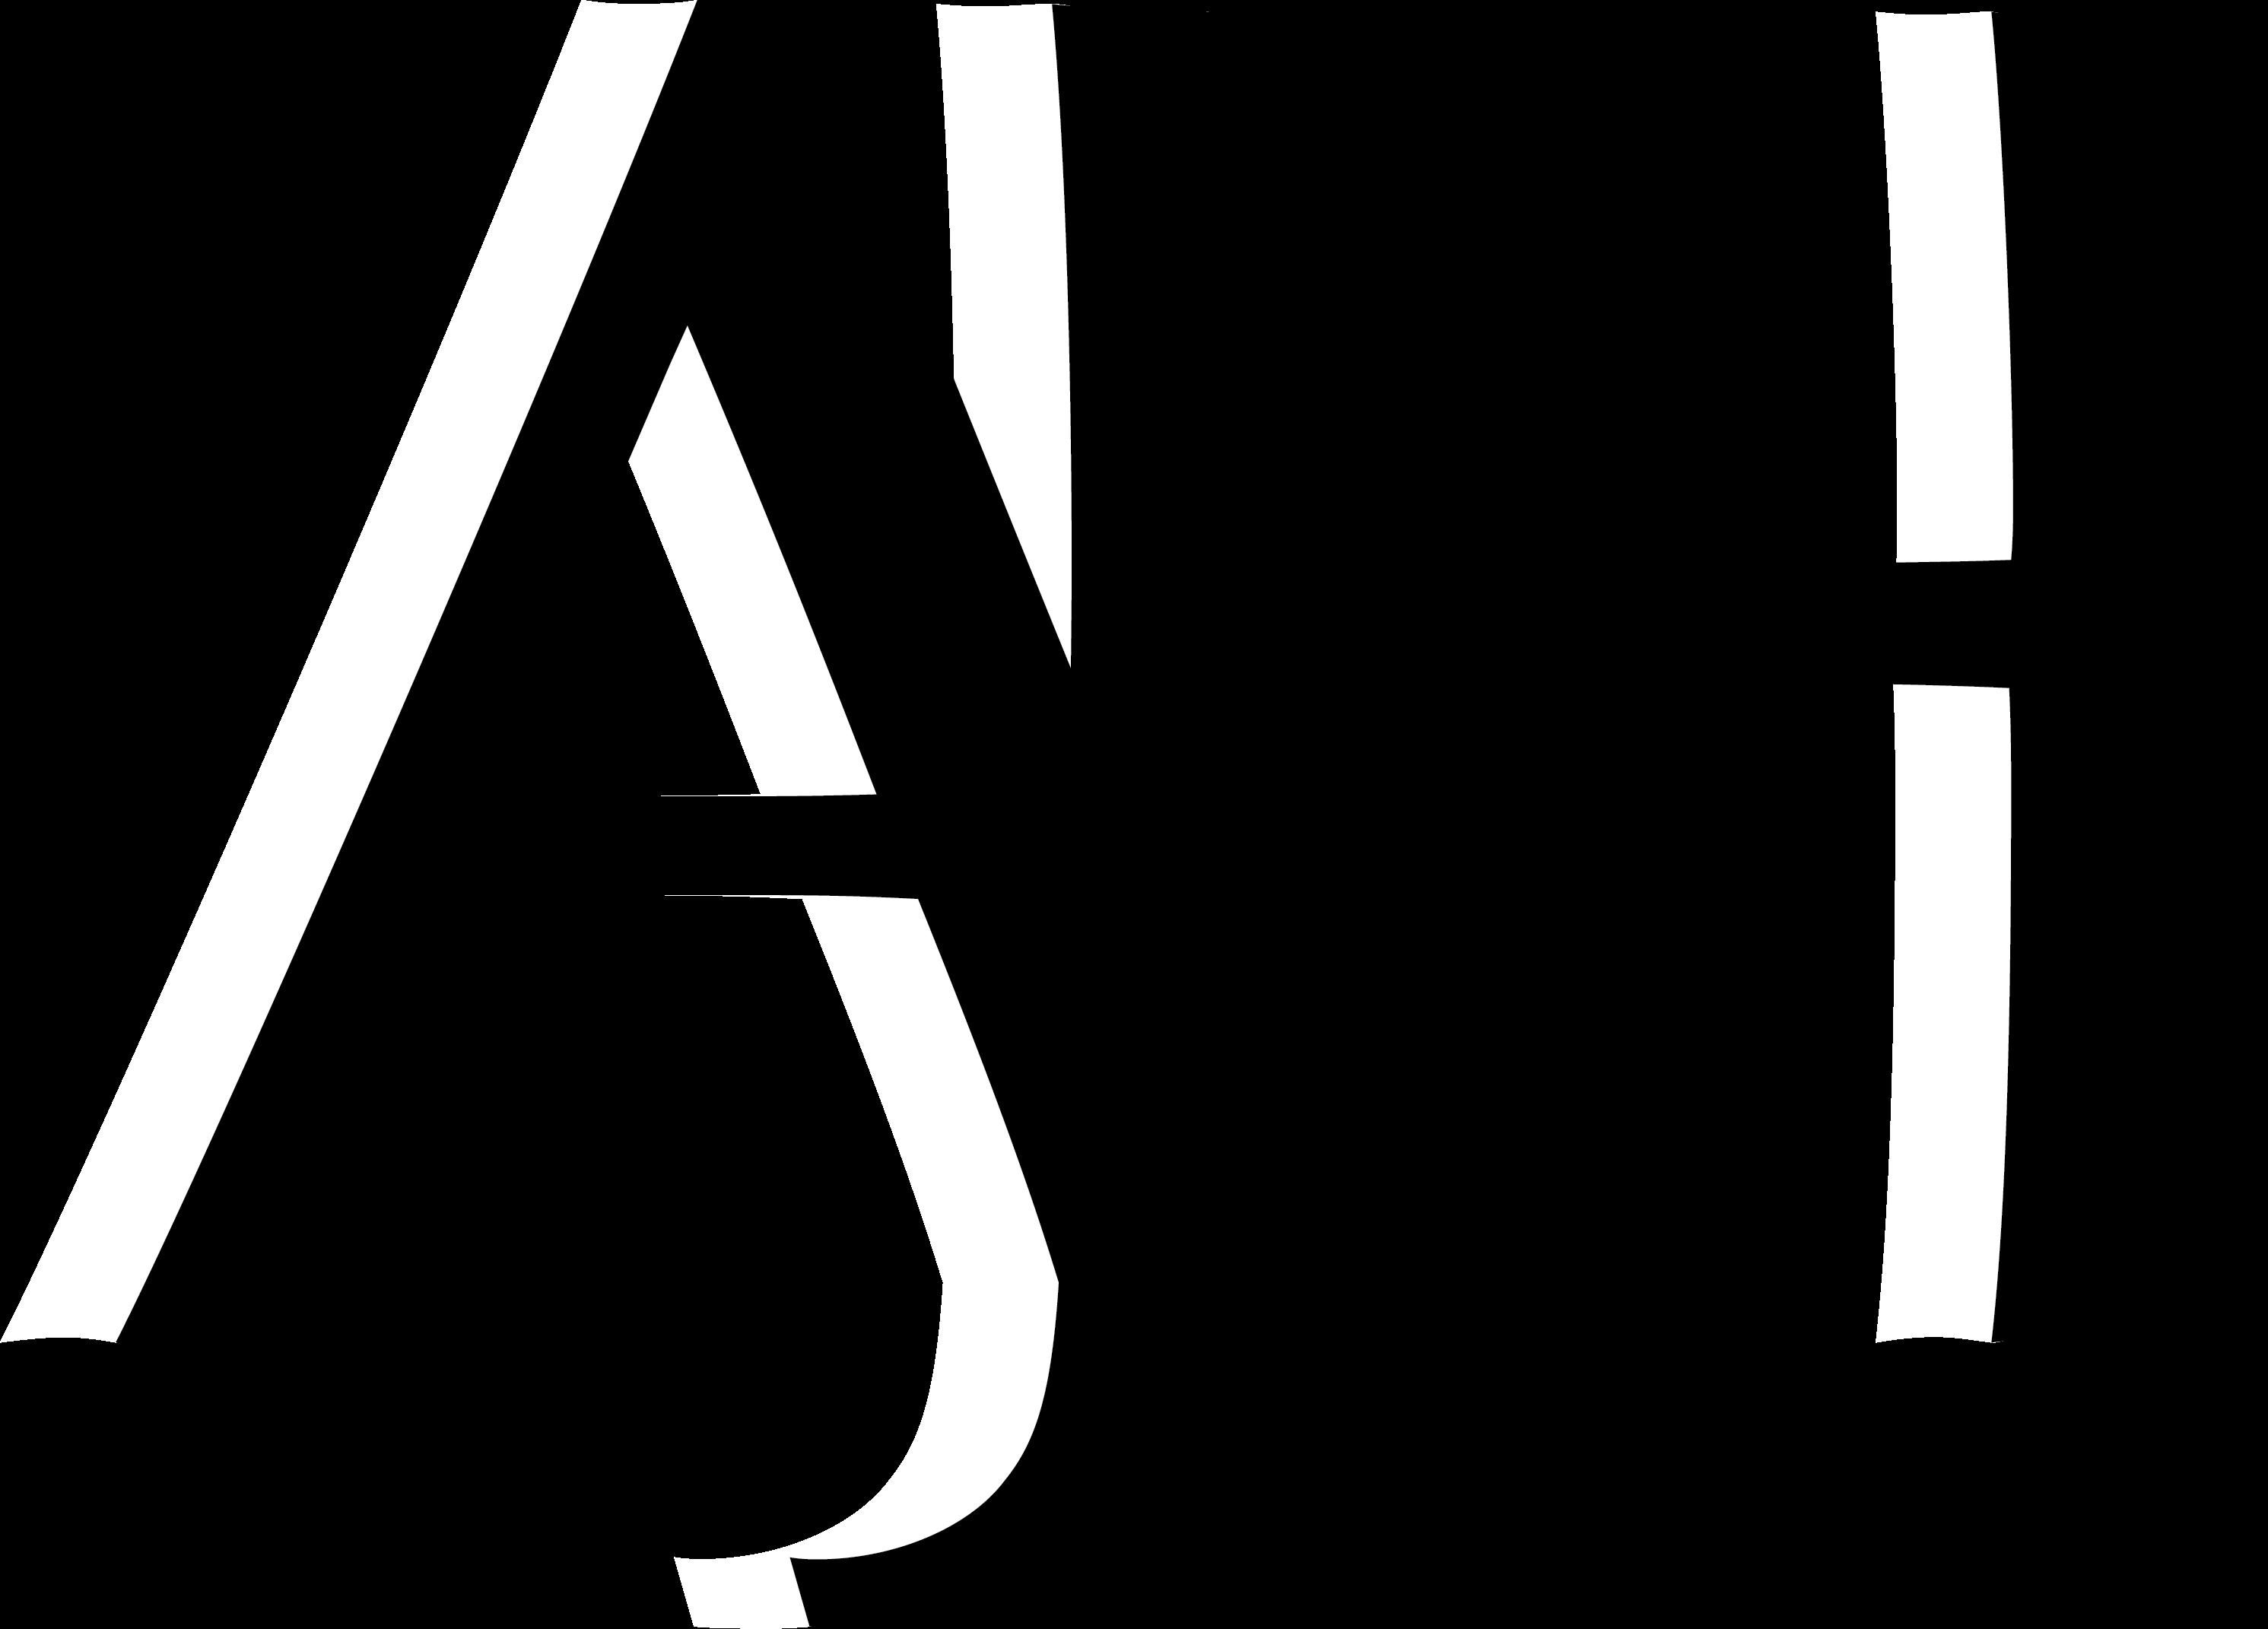 AJH Initials Brand Logo